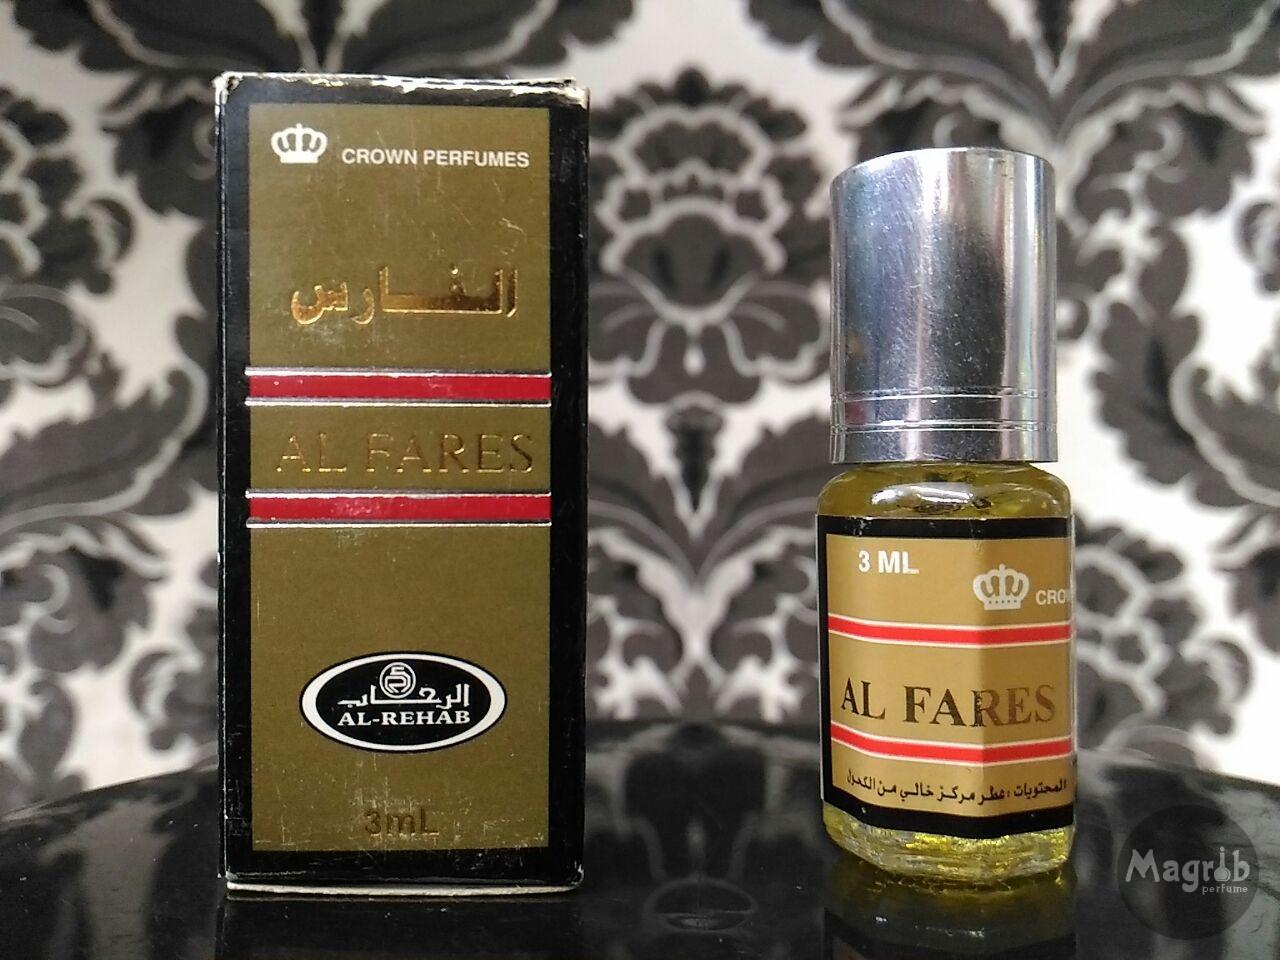 Al-Rehab Al-Fares 3ml - мужские масляные духи